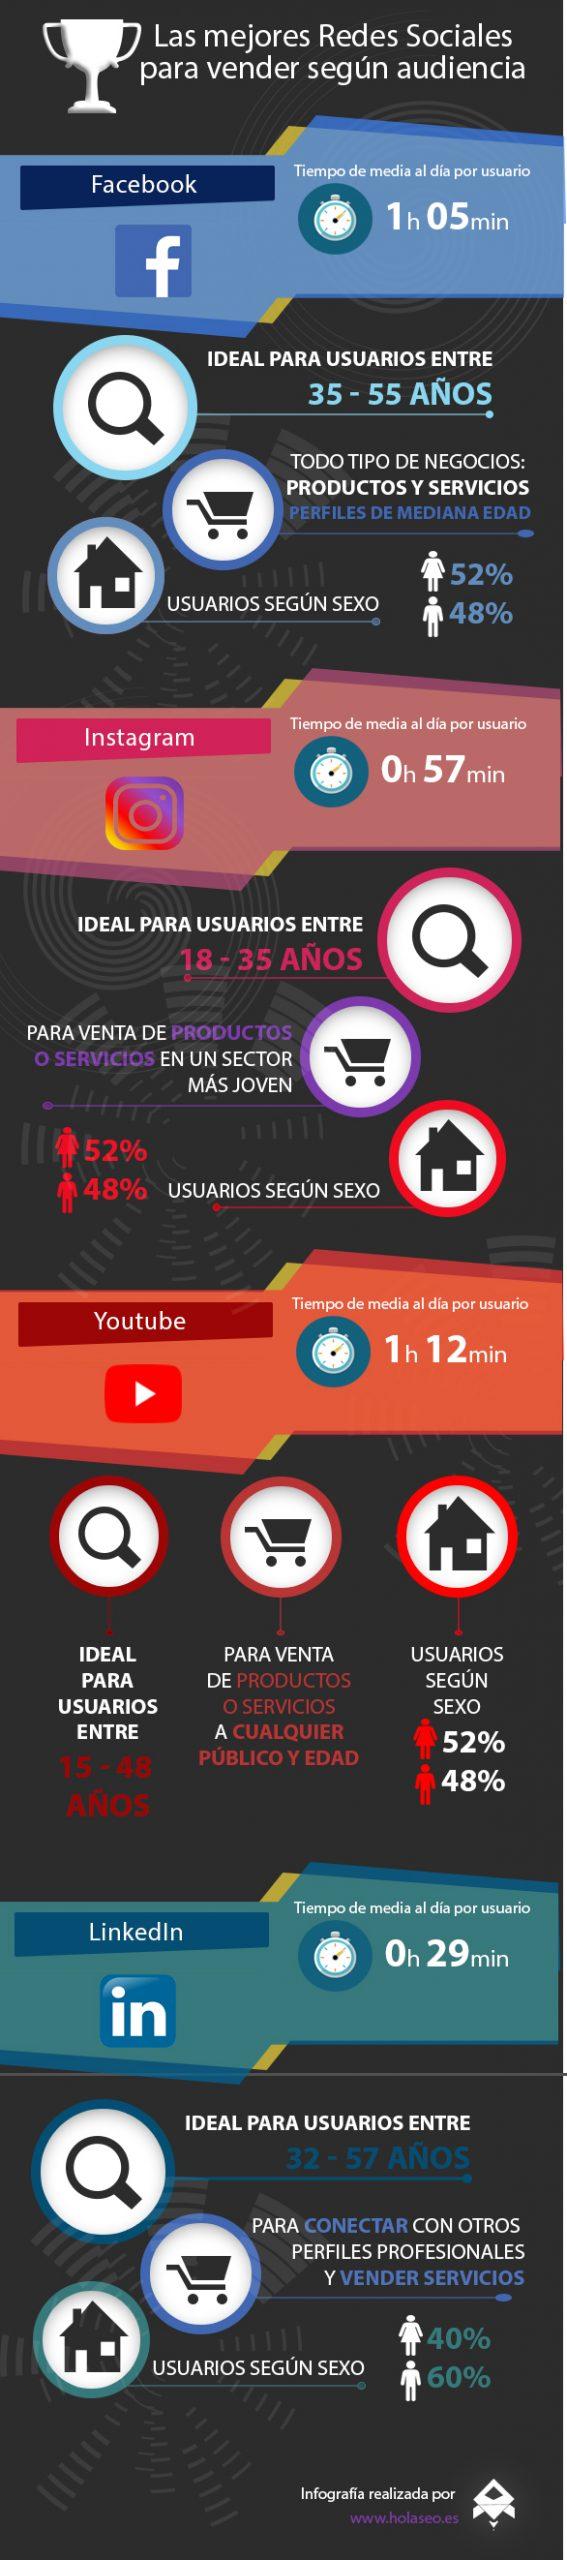 Las mejores Redes Sociales para vender según su audiencia #infografia #socialmedia #marketing